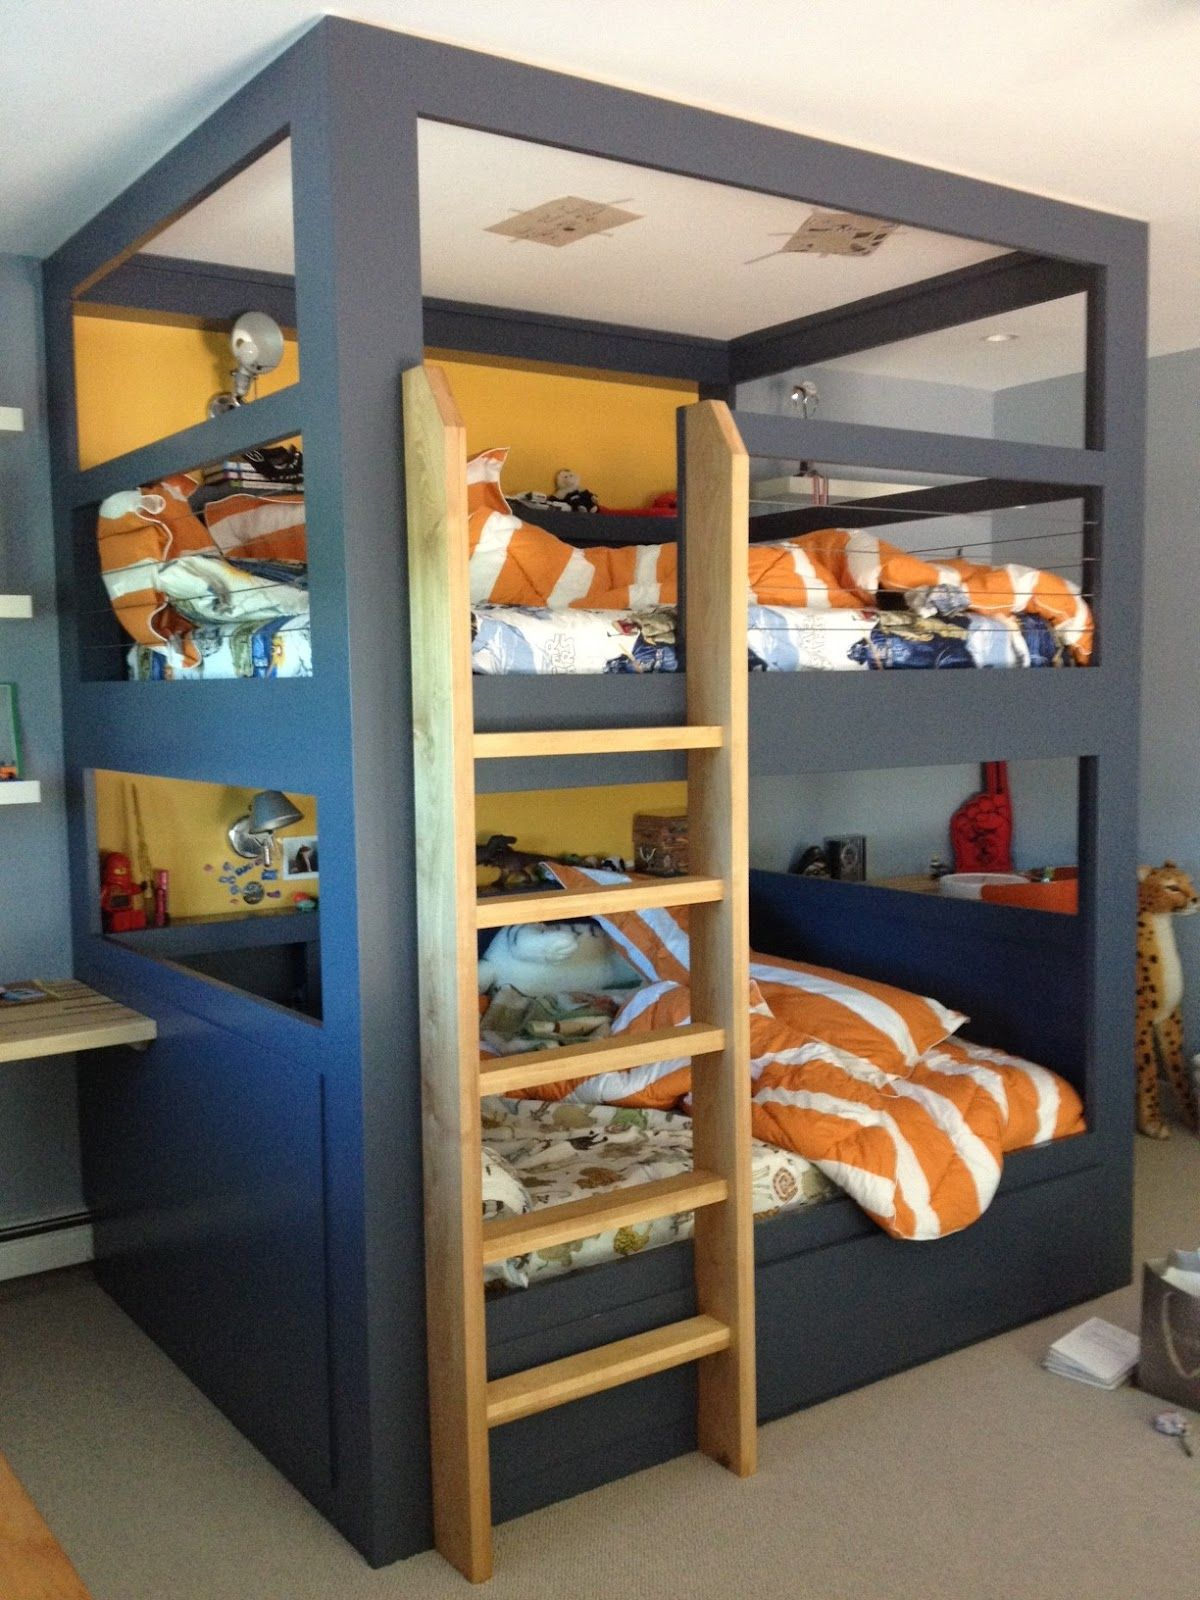 Custom Bunk Beds San Antonio Bunkbeds Pinterest Bunk Beds